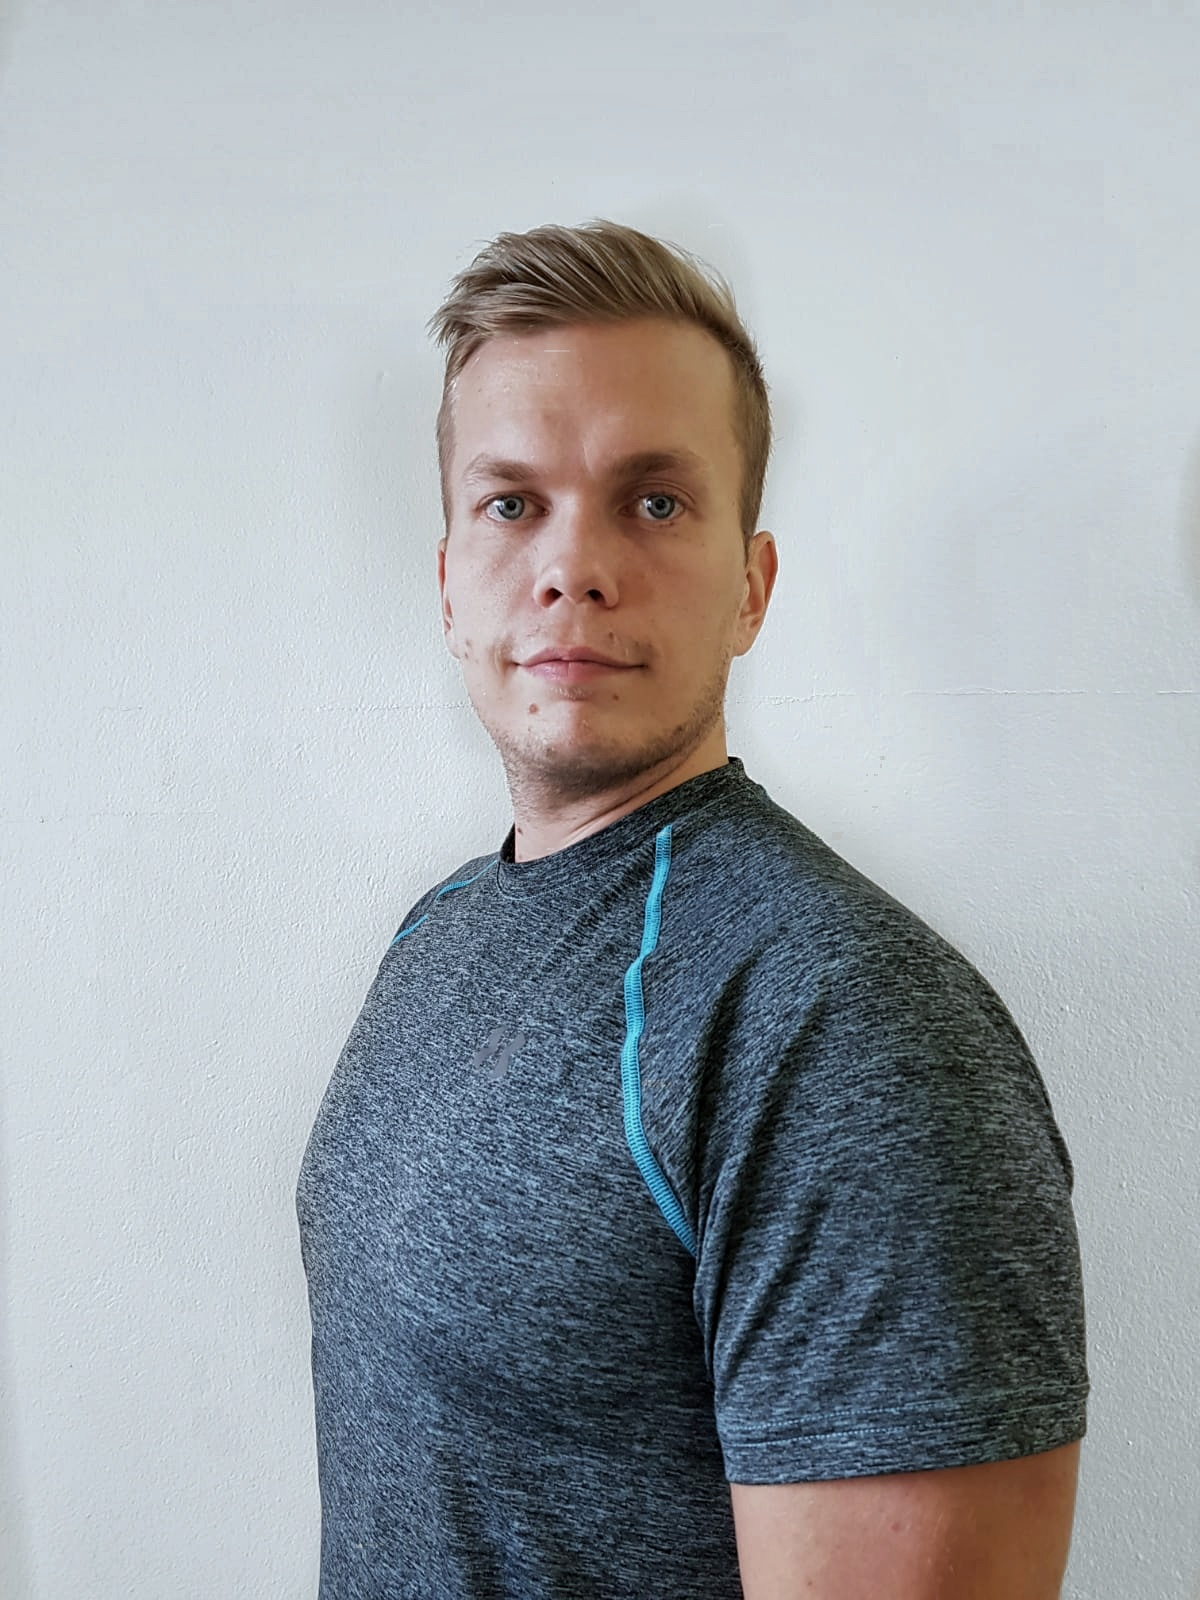 Jarkko Kyllönen